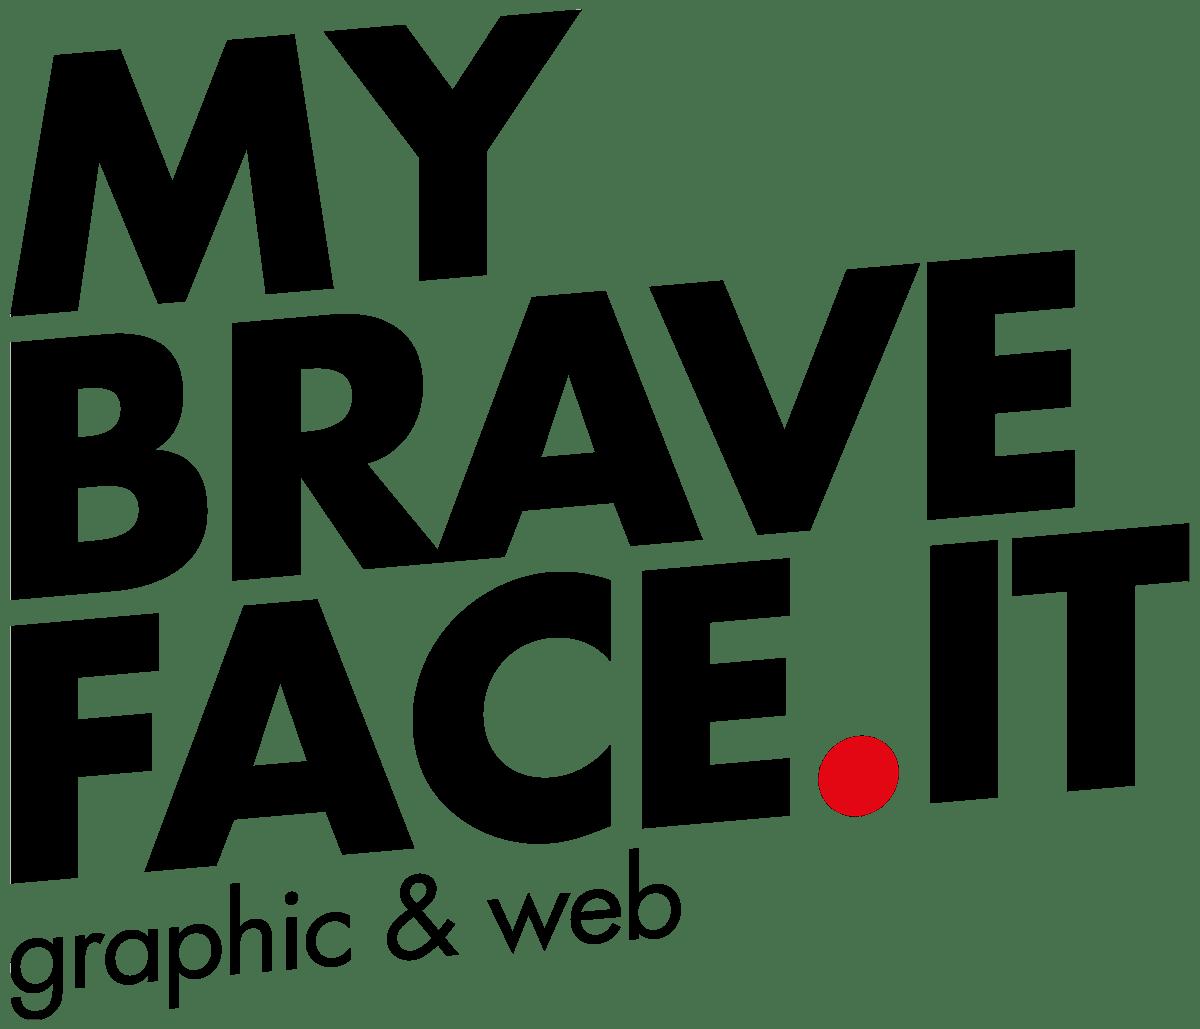 MyBraveFace.it